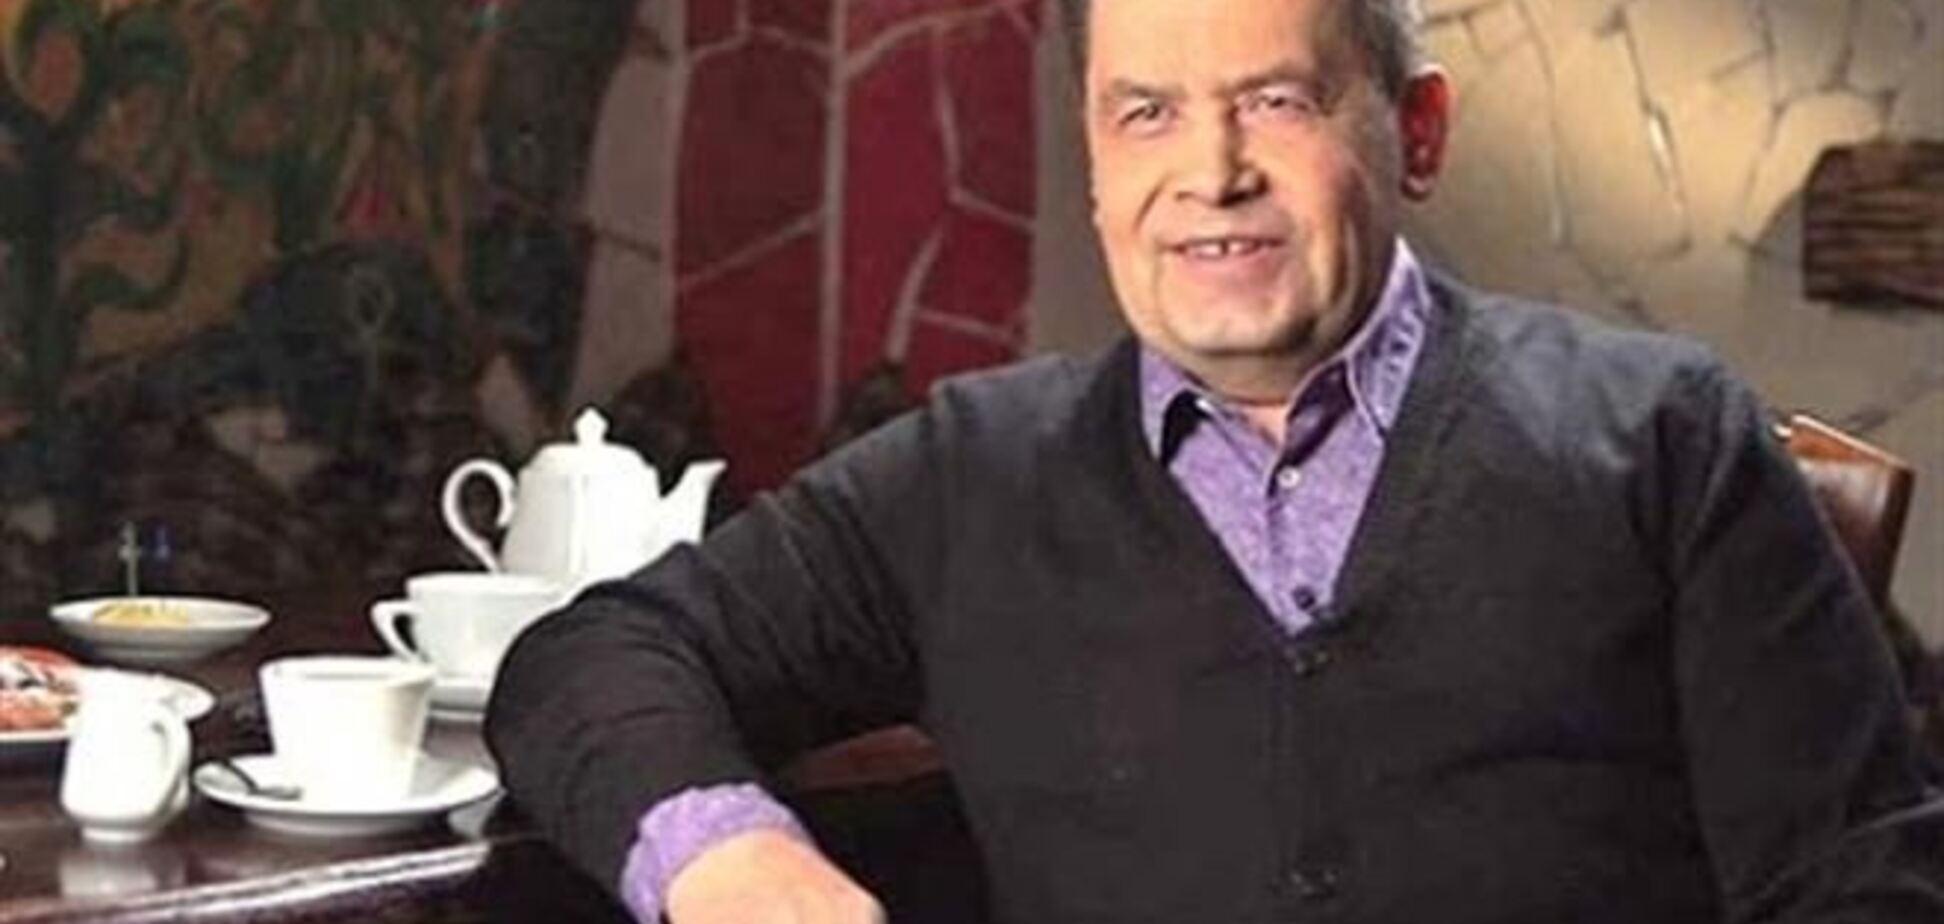 Расторгуев объяснил, почему поддержал политику Путина в Крыму